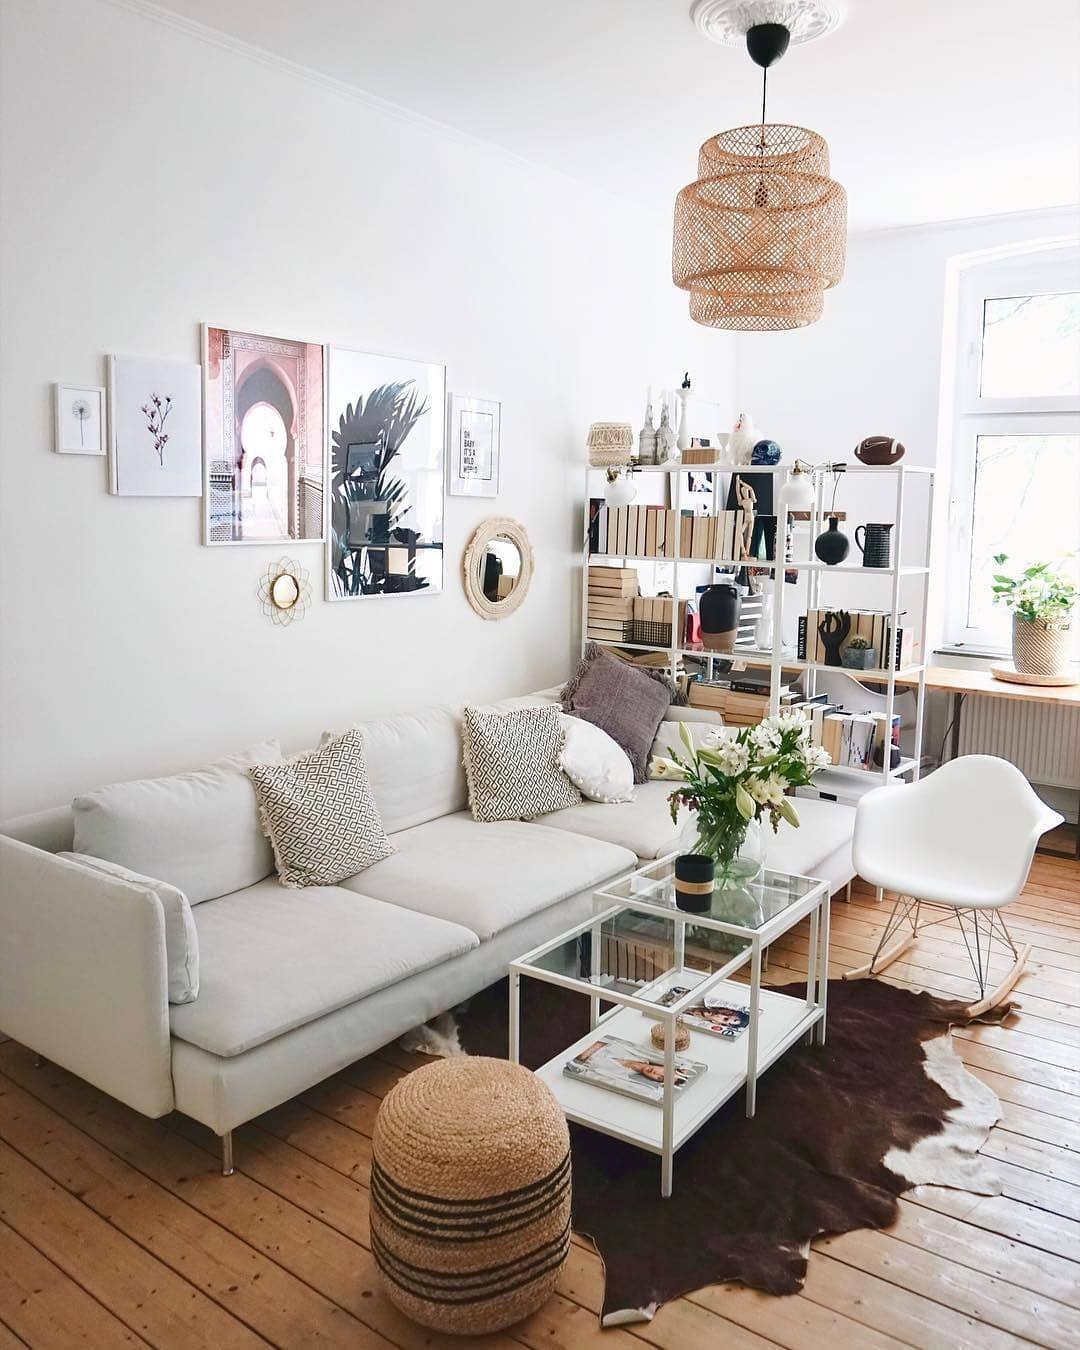 ländlich schicke wohnzimmermöbel wandfarbe decoaccesoires perfekt eingesetzt wir haben uns in das wohnzimmer von kathastrophal verkuckt solebich repost wohnzimmerliebe